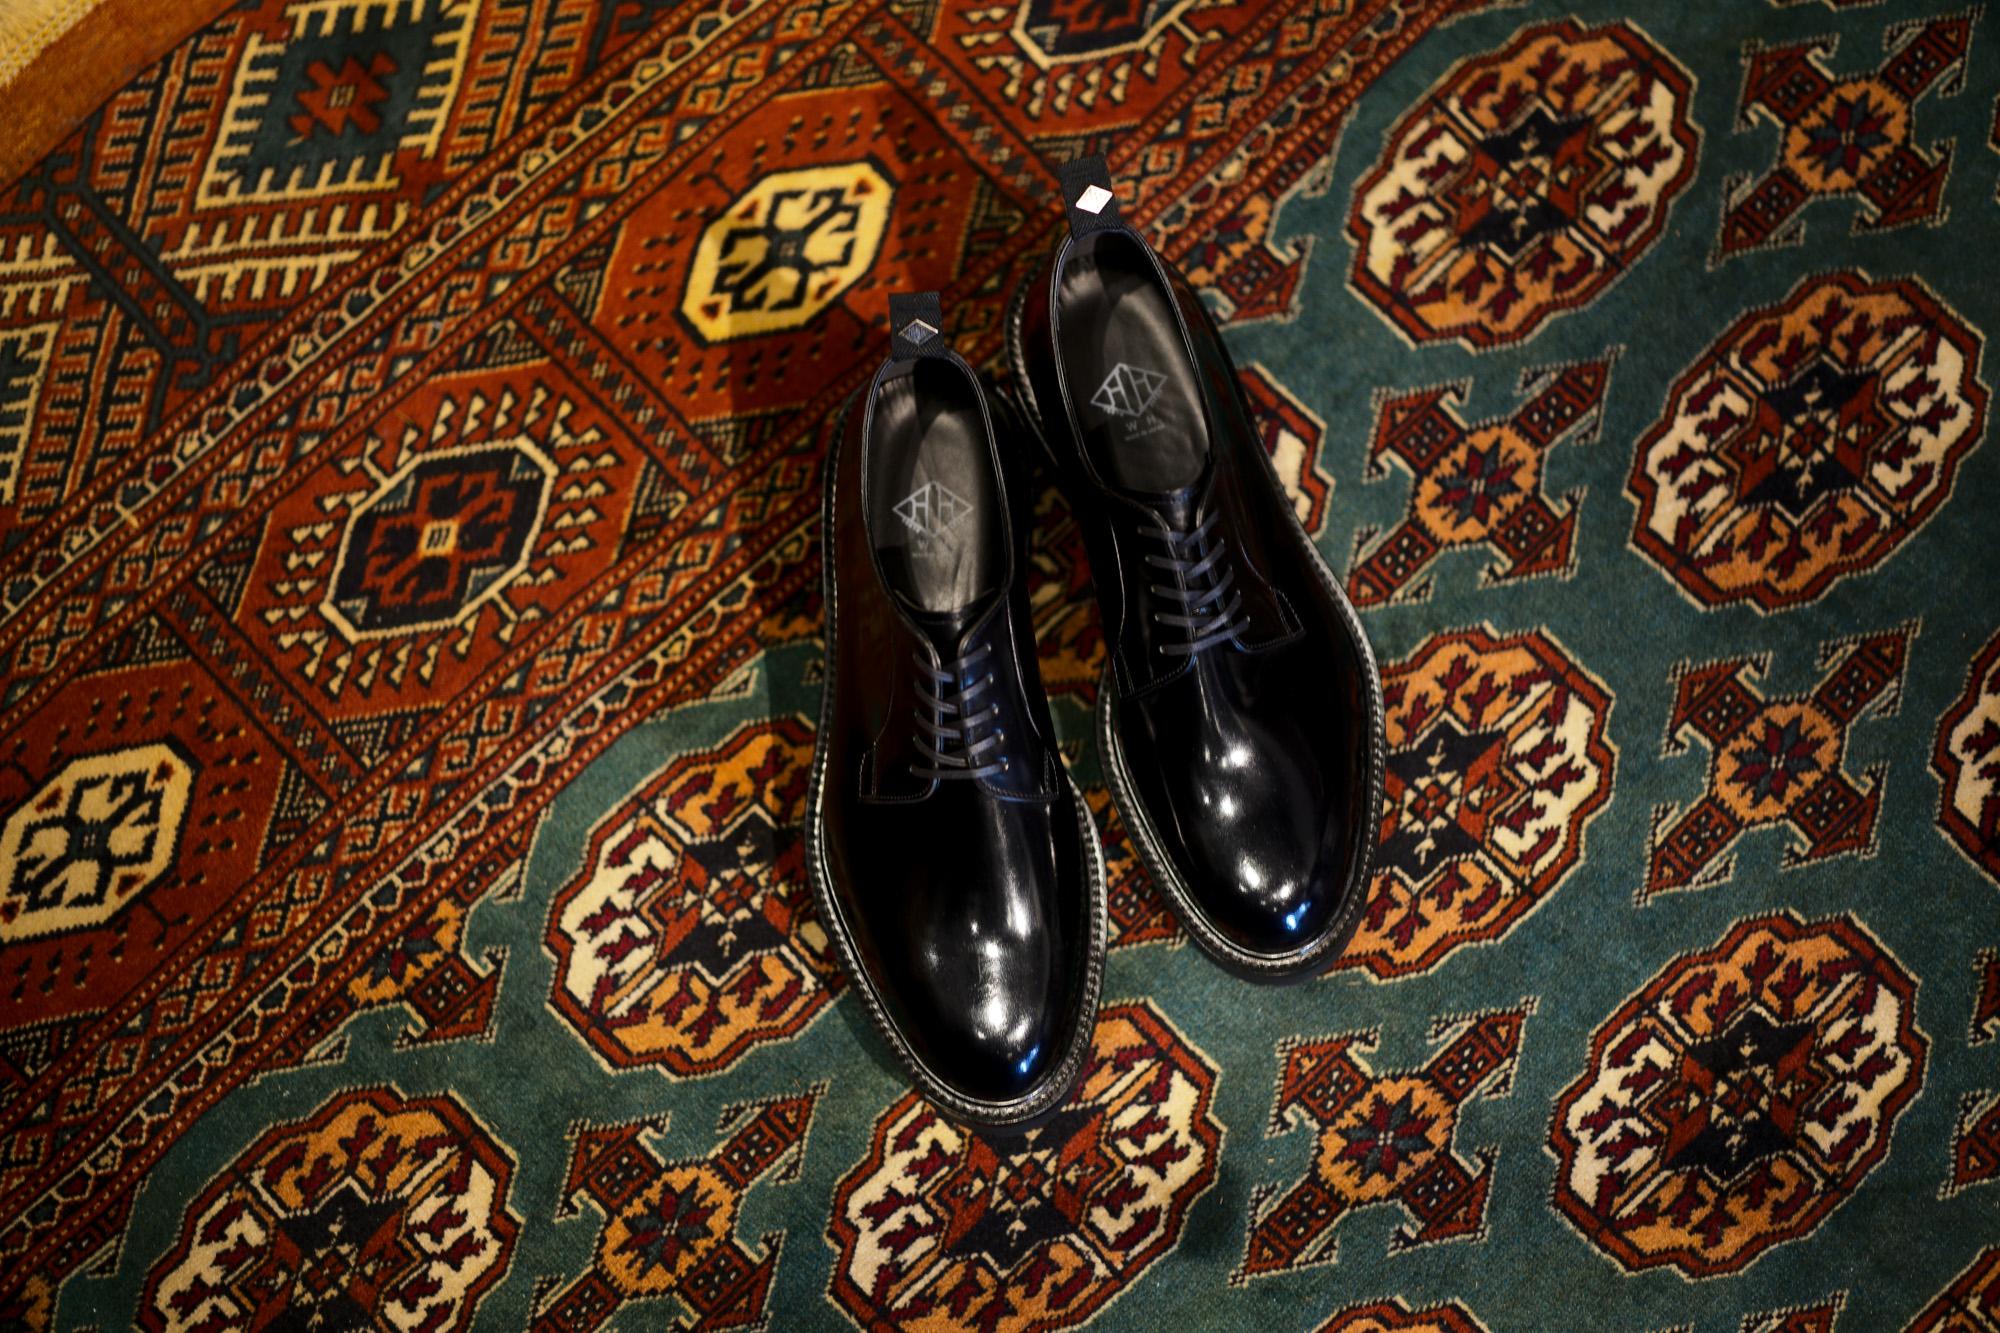 WH (ダブルエイチ) WHZ-0010 Cordovan Plane Toe Shoes (干場氏 スペシャル Zモデル) Birdie Last (バーディラスト) Shell Cordovan シェルコードバンレザー プレーントゥシューズ BLACK (ブラック) MADE IN JAPAN (日本製) 2018 秋冬 【Special限定モデル】【12月01日発売分】【ご予約受付中】 愛知 名古屋 alto e diritto altoediritto アルトエデリット